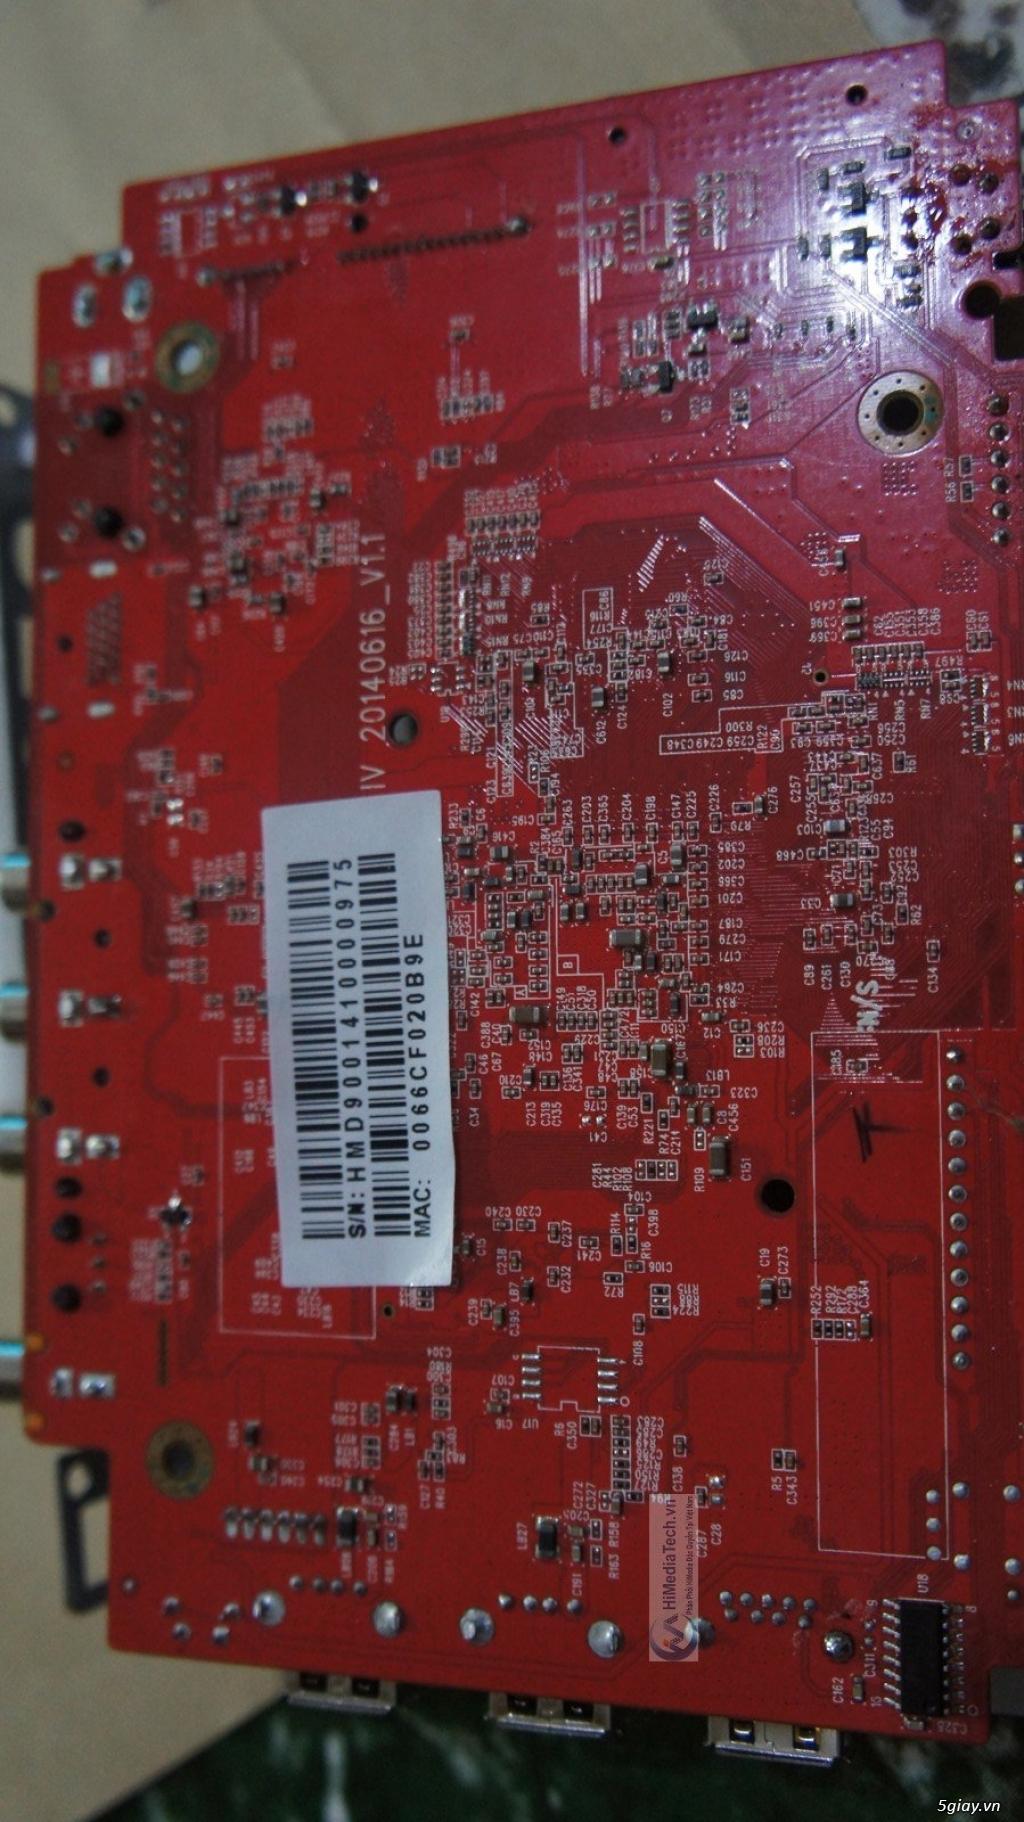 Sửa chữa Đầu đĩa Bluray, Đầu phát HD 3D, Android TV Box. - 3